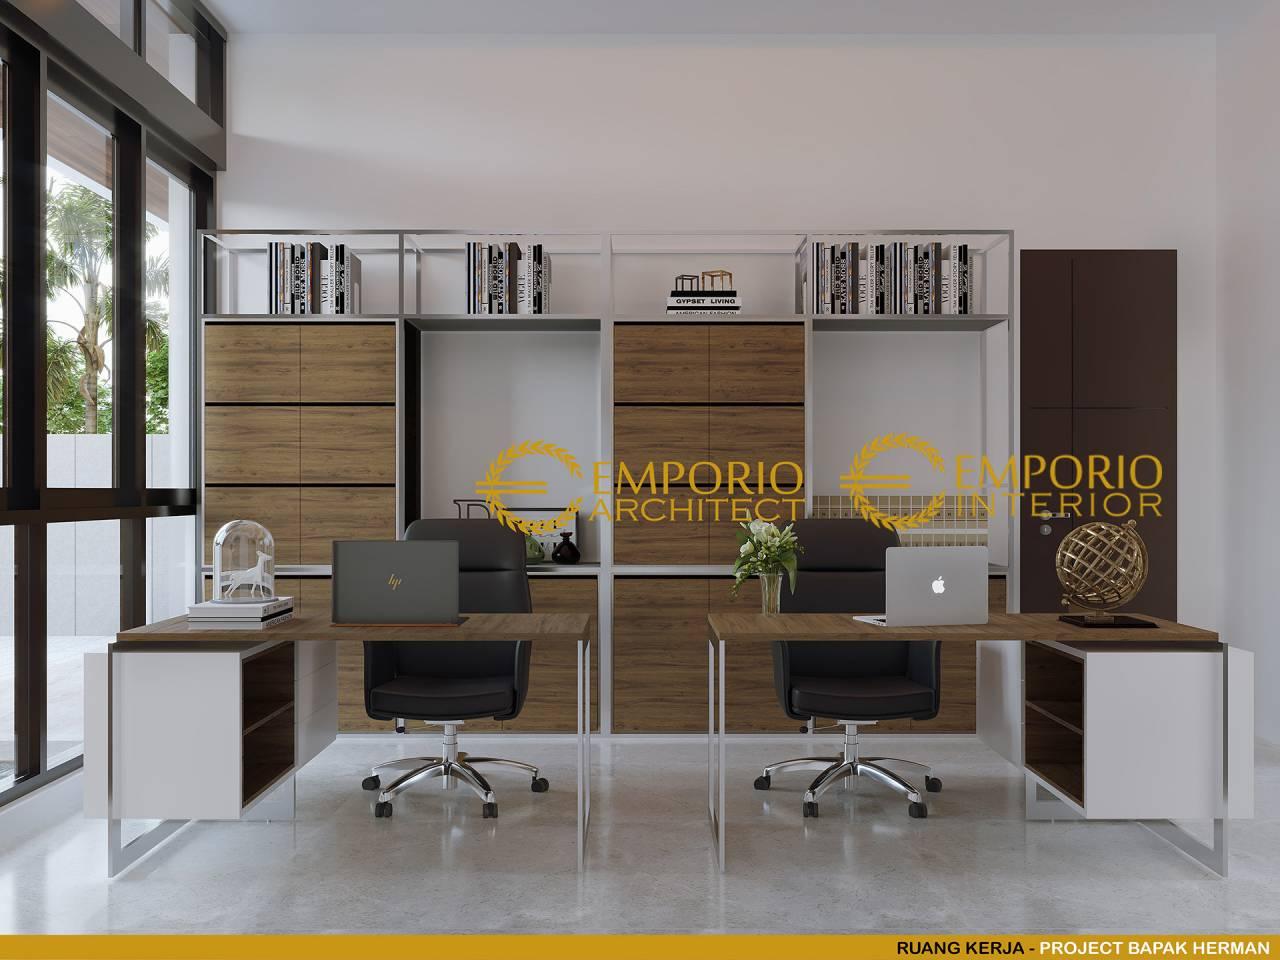 desain interior rumah modern 2 lantai bapak herman di tanjung pinang kepulauan riau 627532364030920095234 0